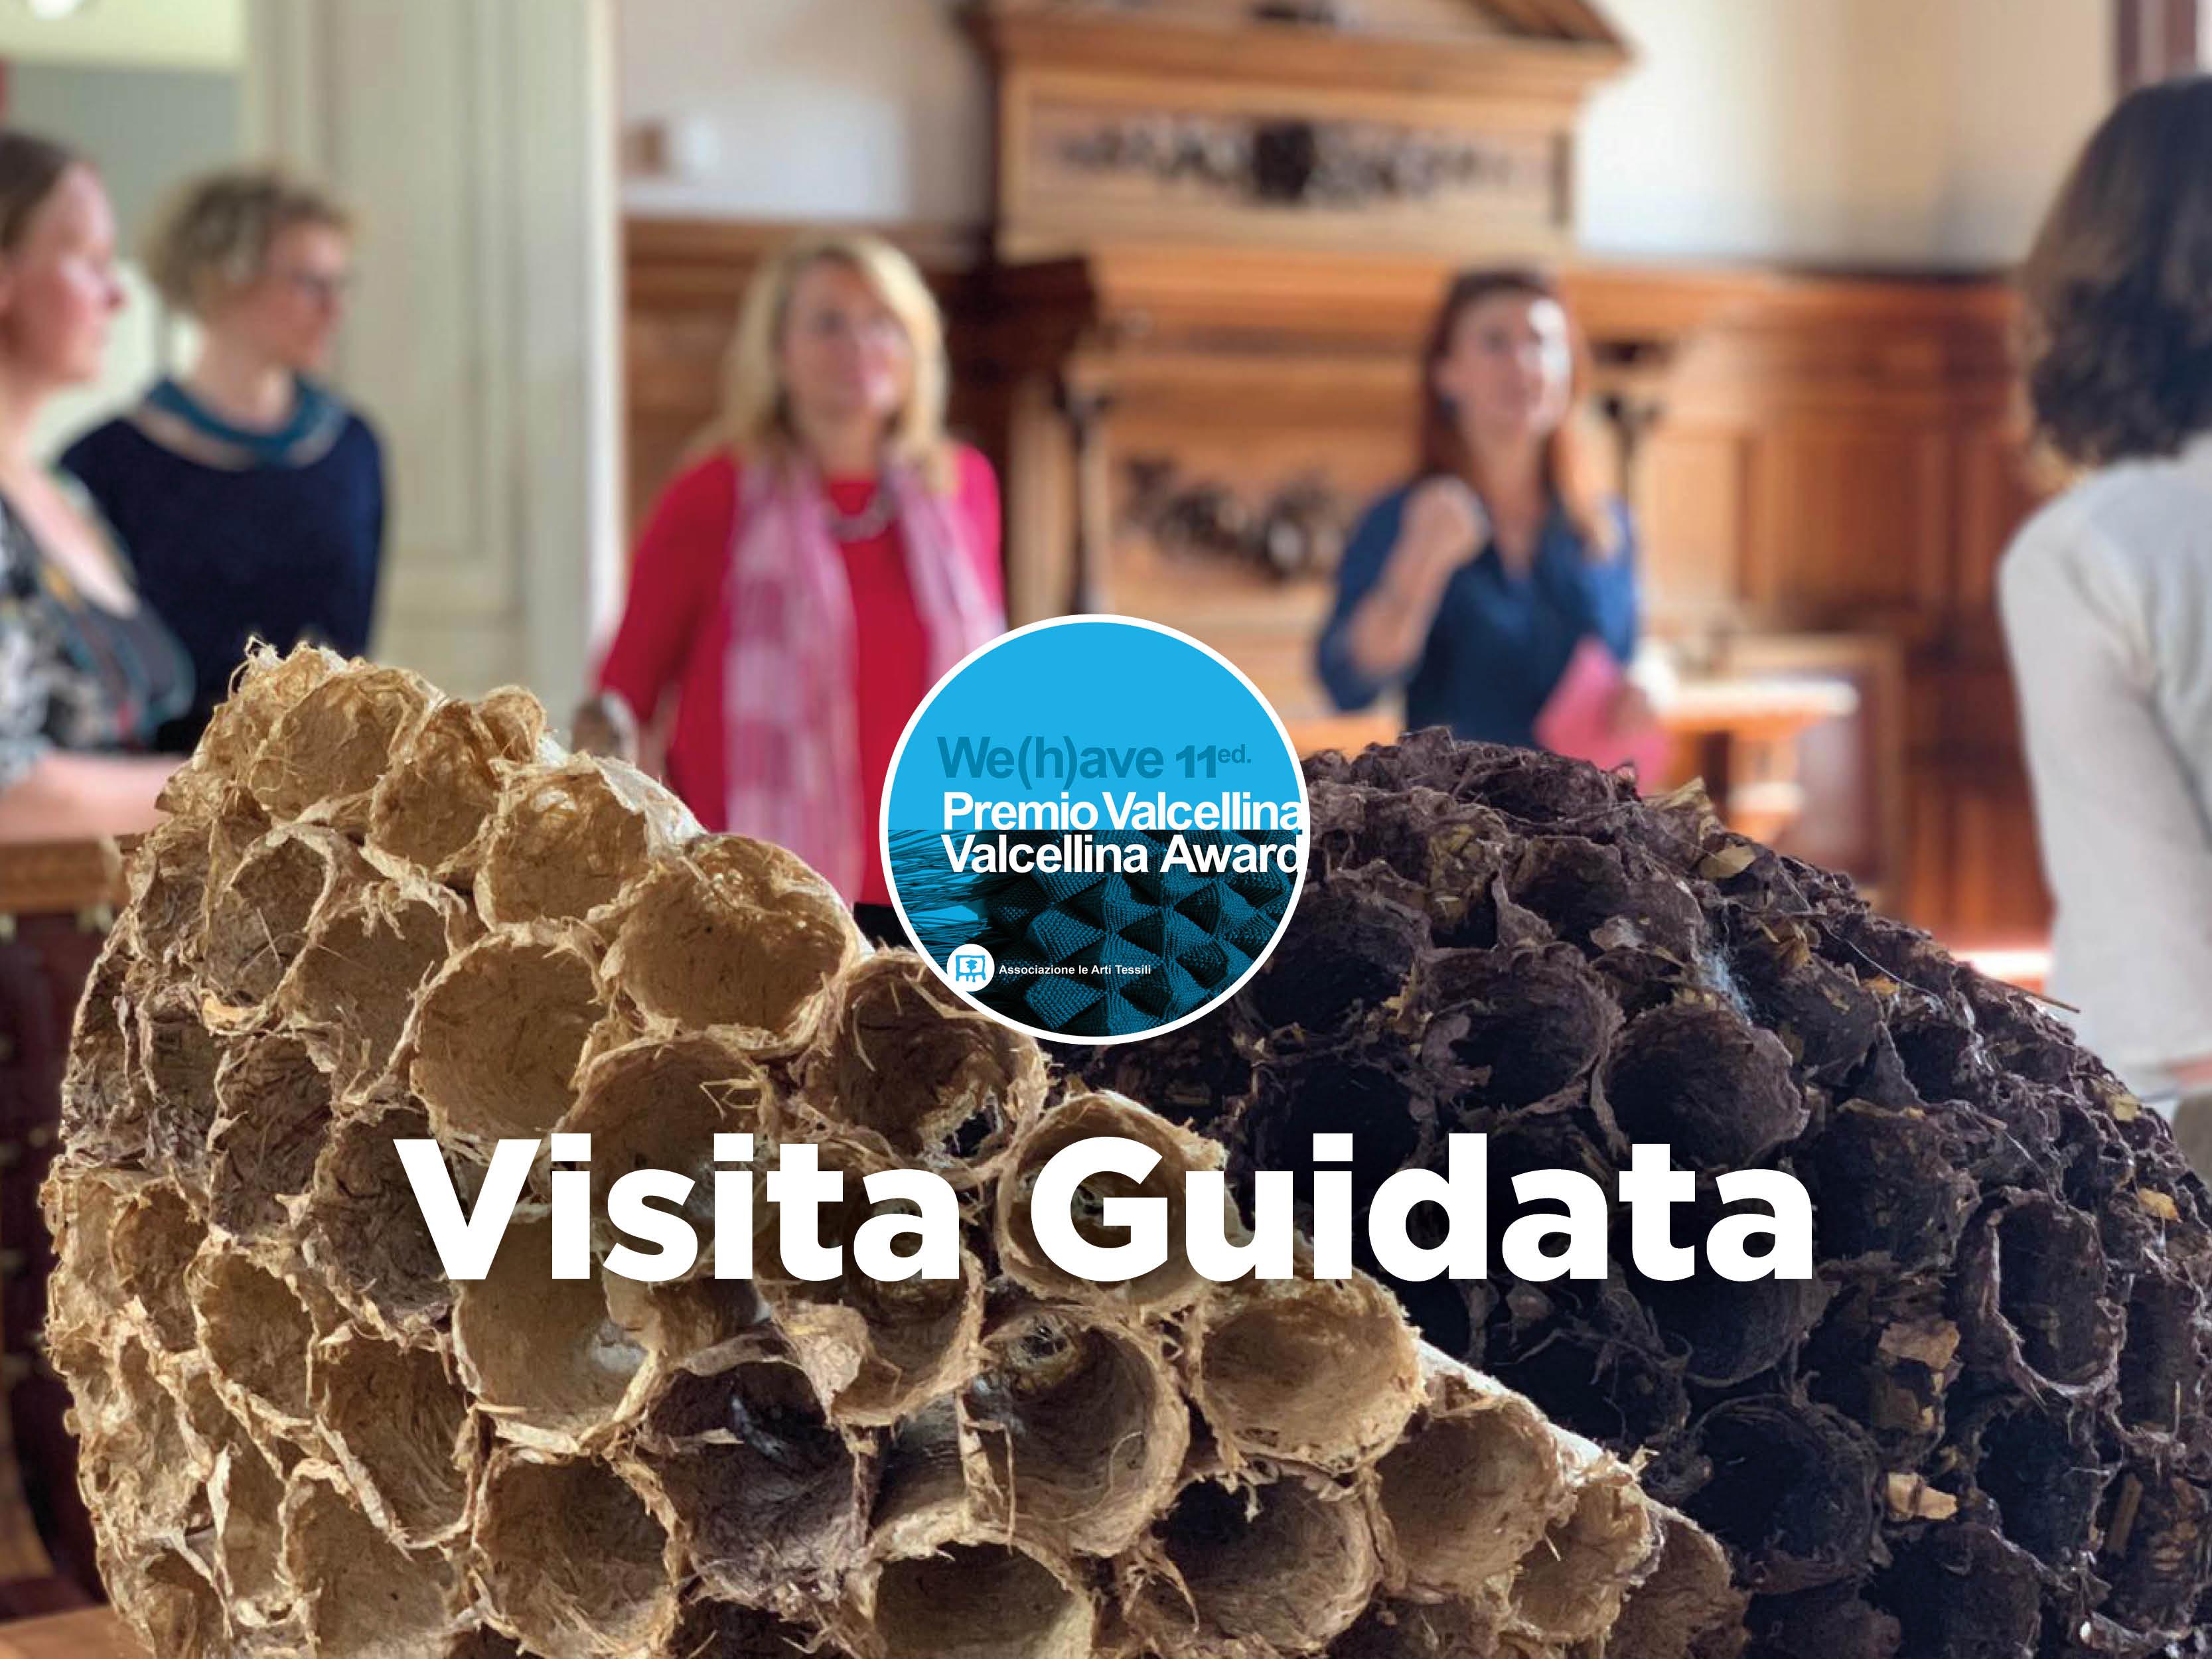 Visita guidata alla VALCELLINA COLLECTION con Eva Comuzzi al MEF di Udine 29 GIUGNO